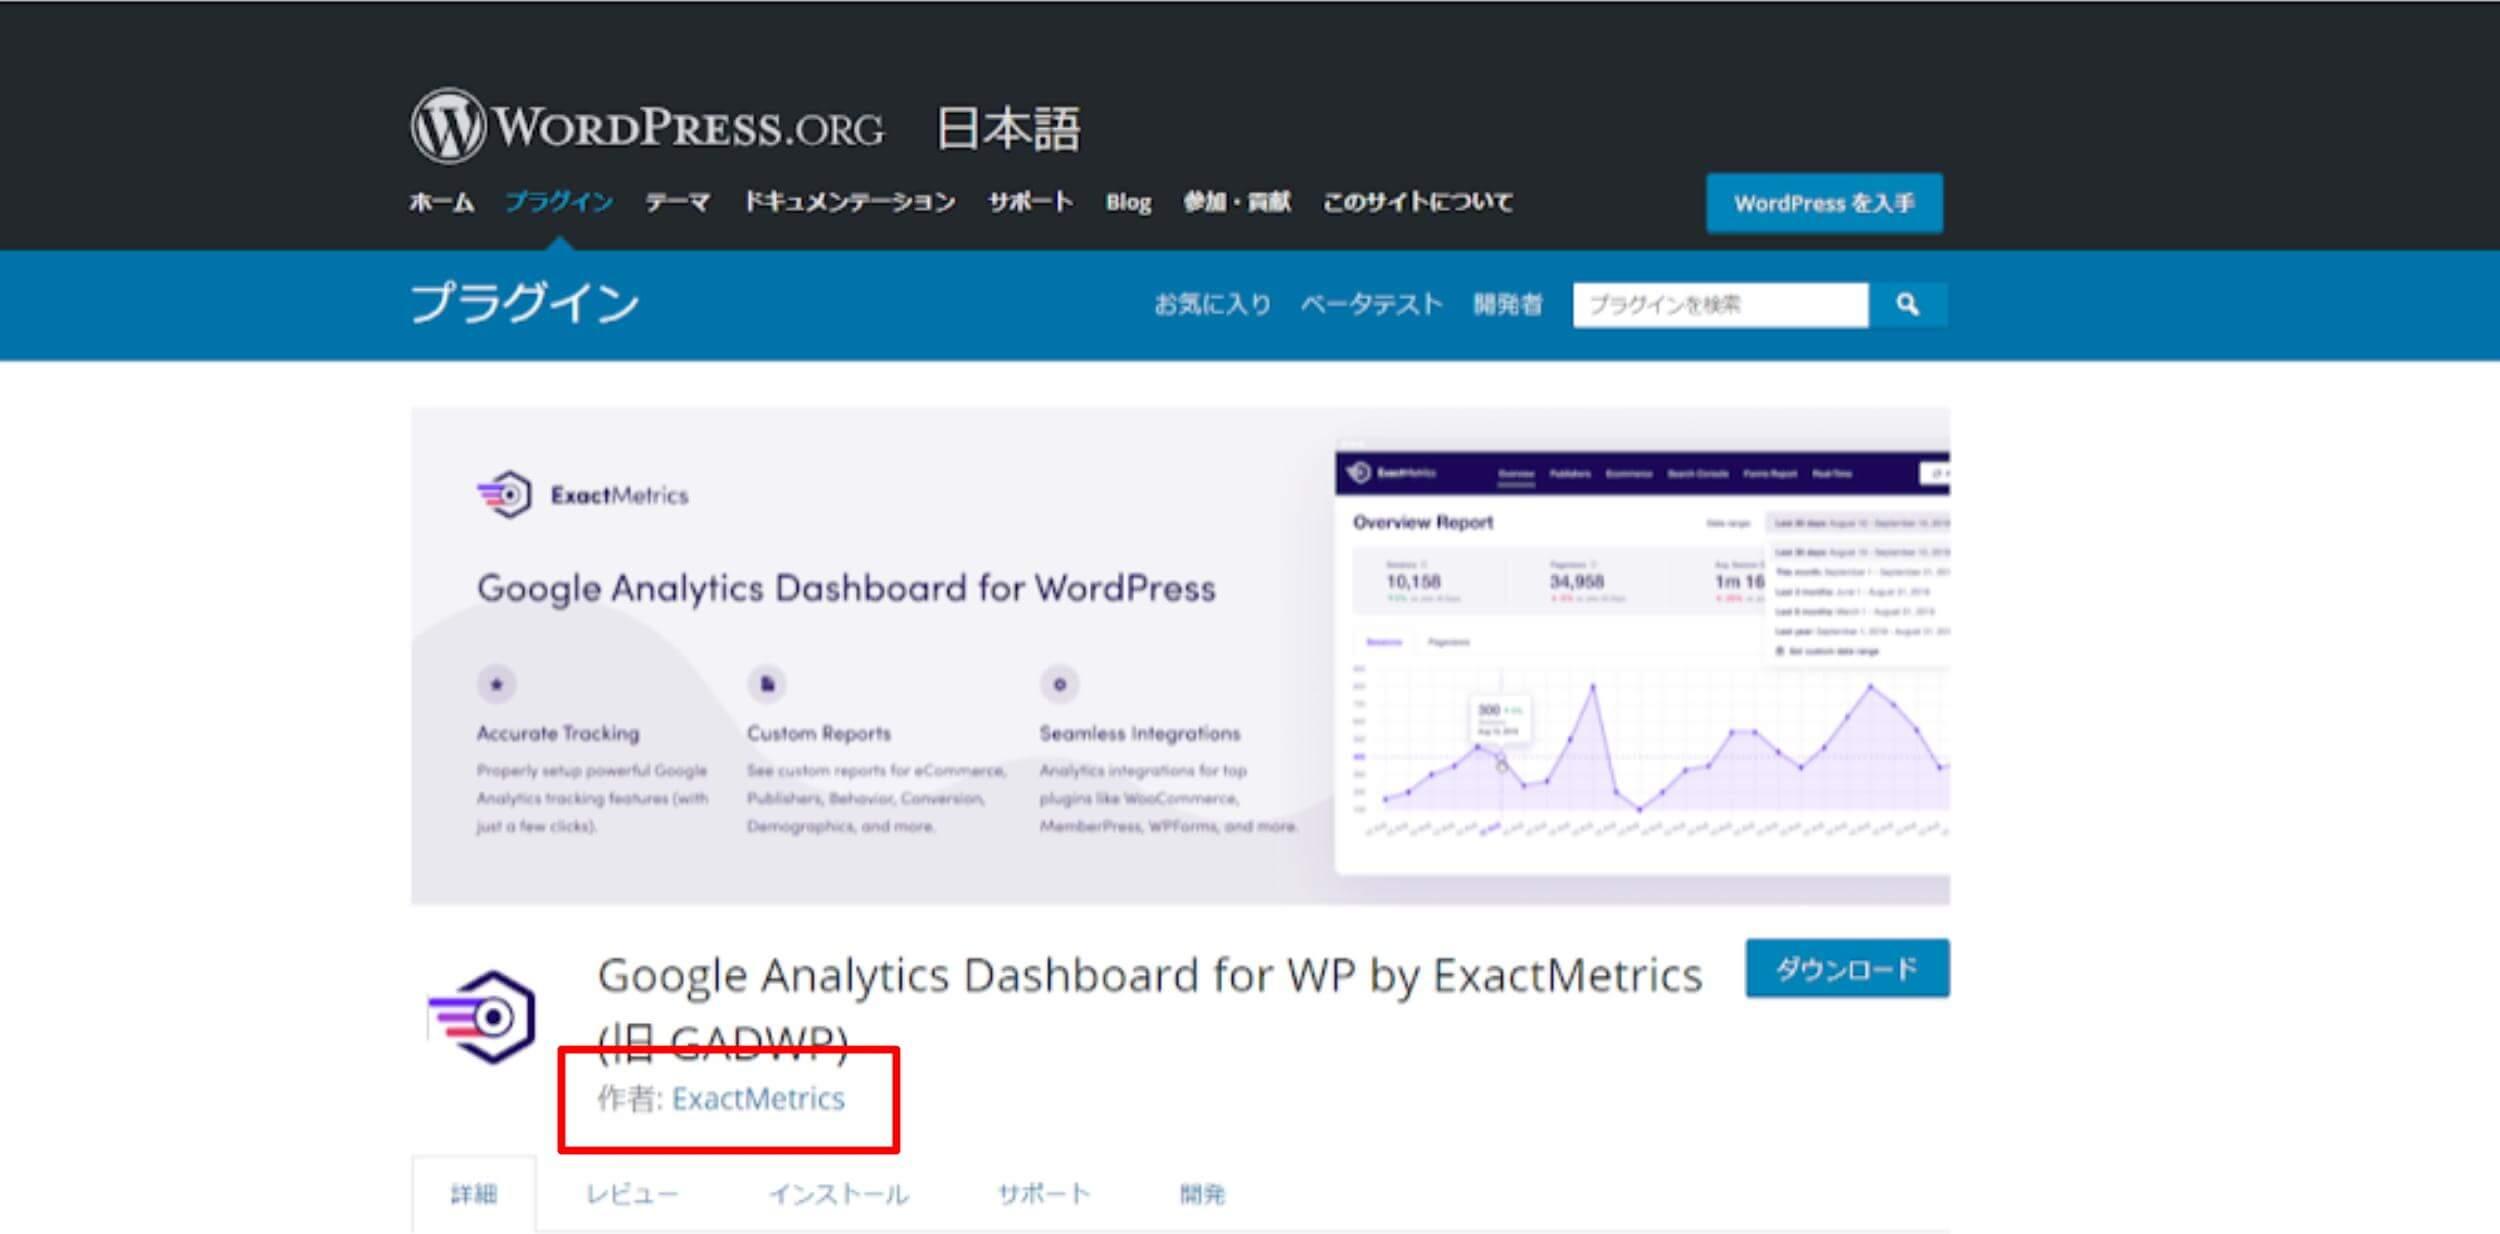 google analytics dashboard for wp by exactmetricsダウンロードページ